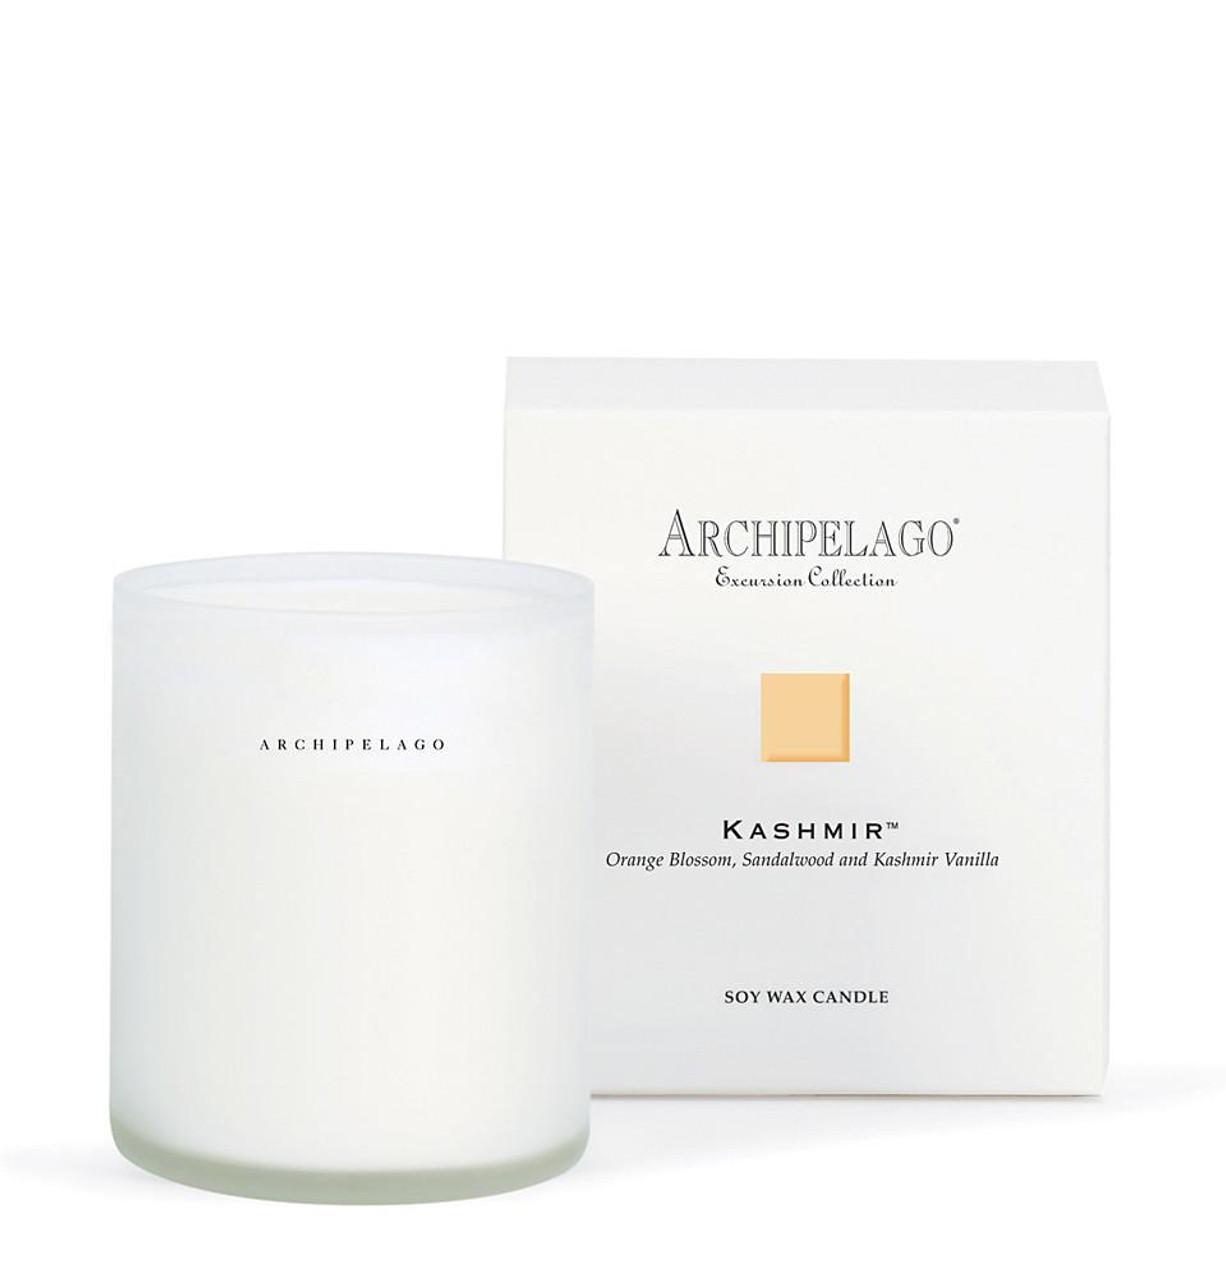 Archipelago Kashmir Soy Candle